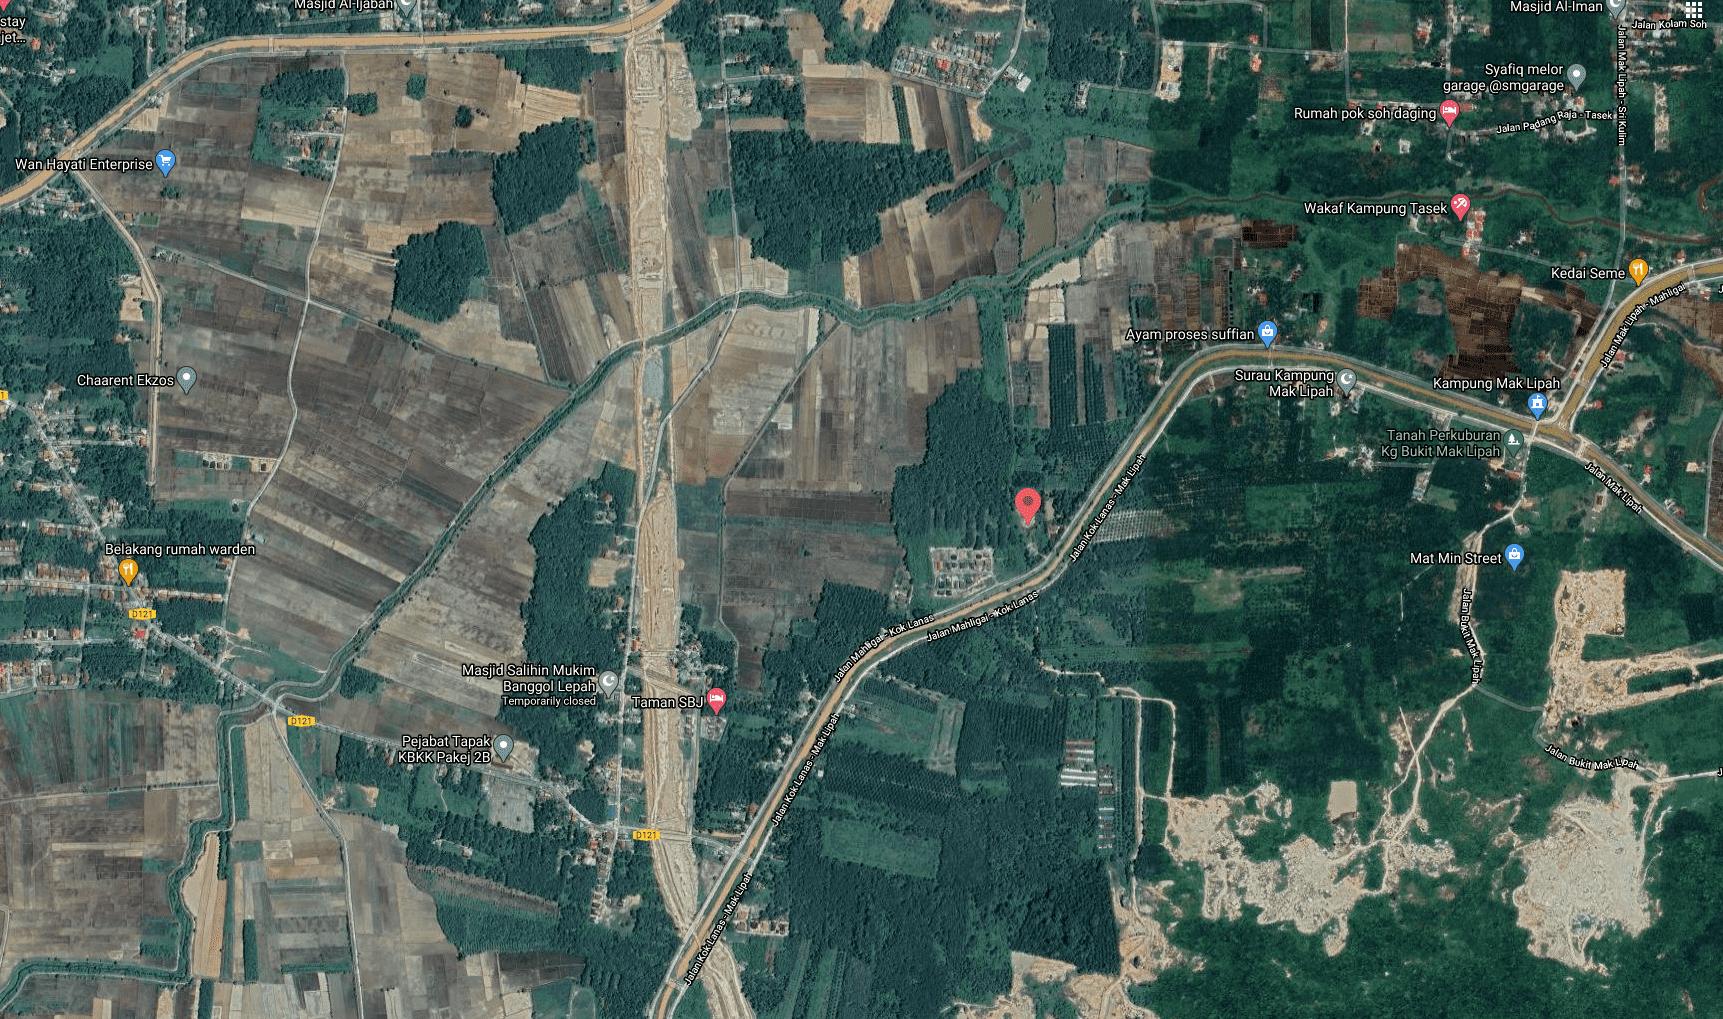 Villa Mahligai II 35